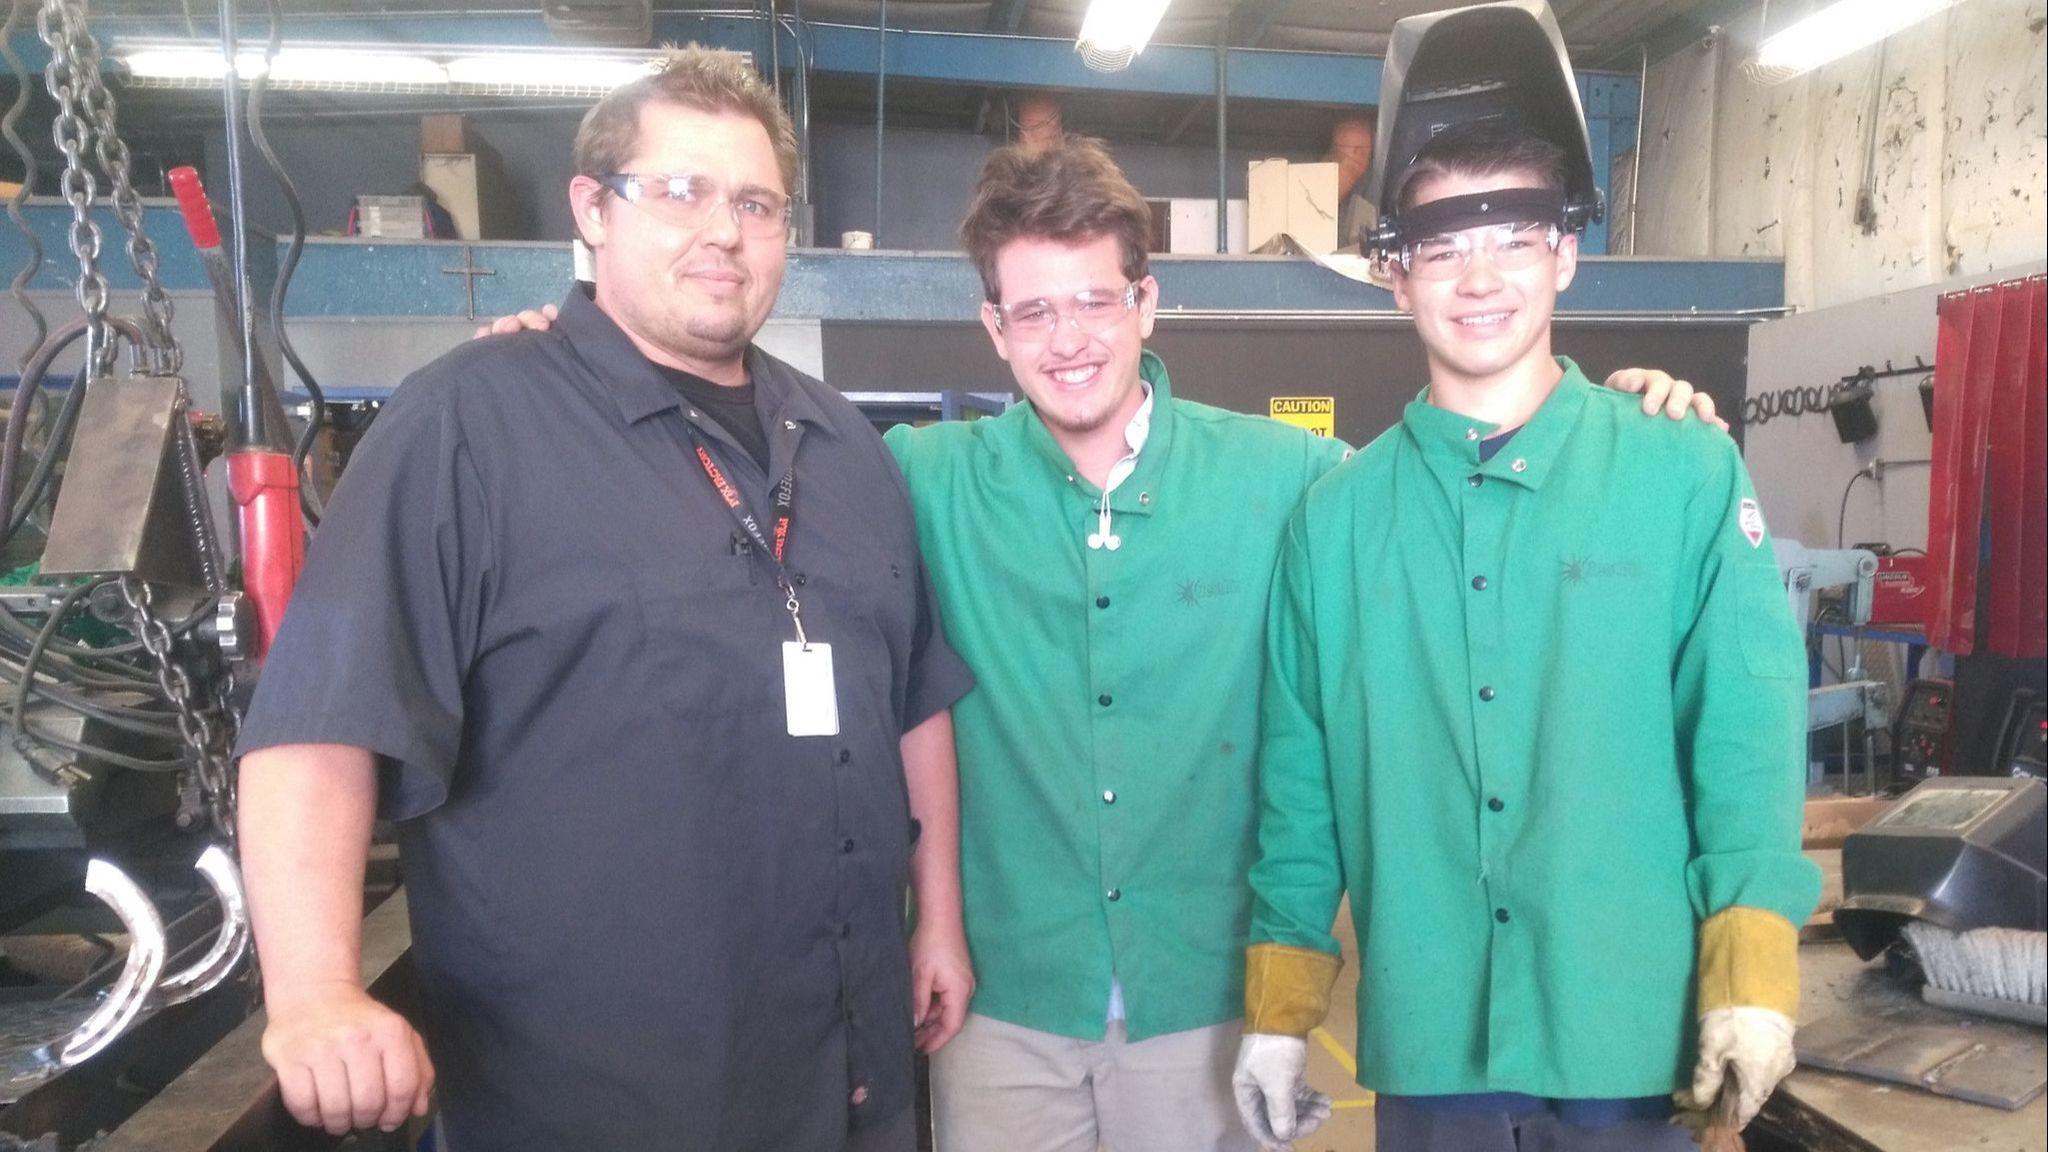 First-year Ramona High welding teacher Matthew Funkhouser trains students Sean Morgan, left, a junior, and Kyle Dodd, a senior.